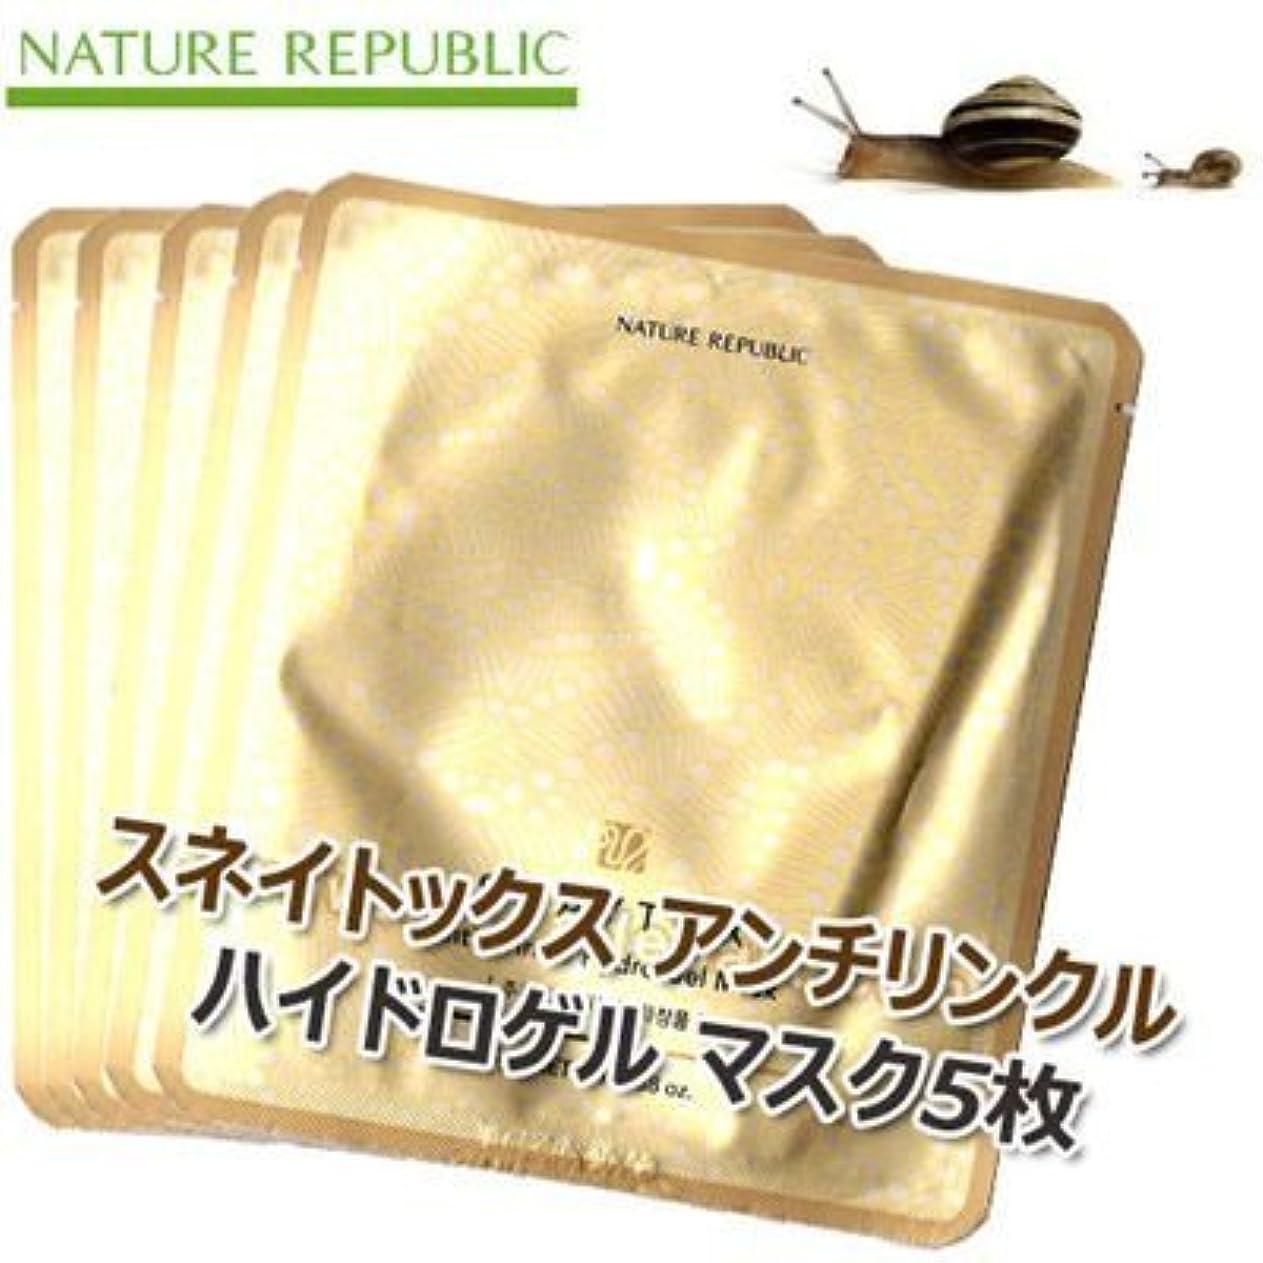 いいね当社放棄NATURE REPUBLIC(ネイチャーリパブリック) スネイトックス アンチリンクル ハイドロゲル マスク (5枚) シートマスク パック